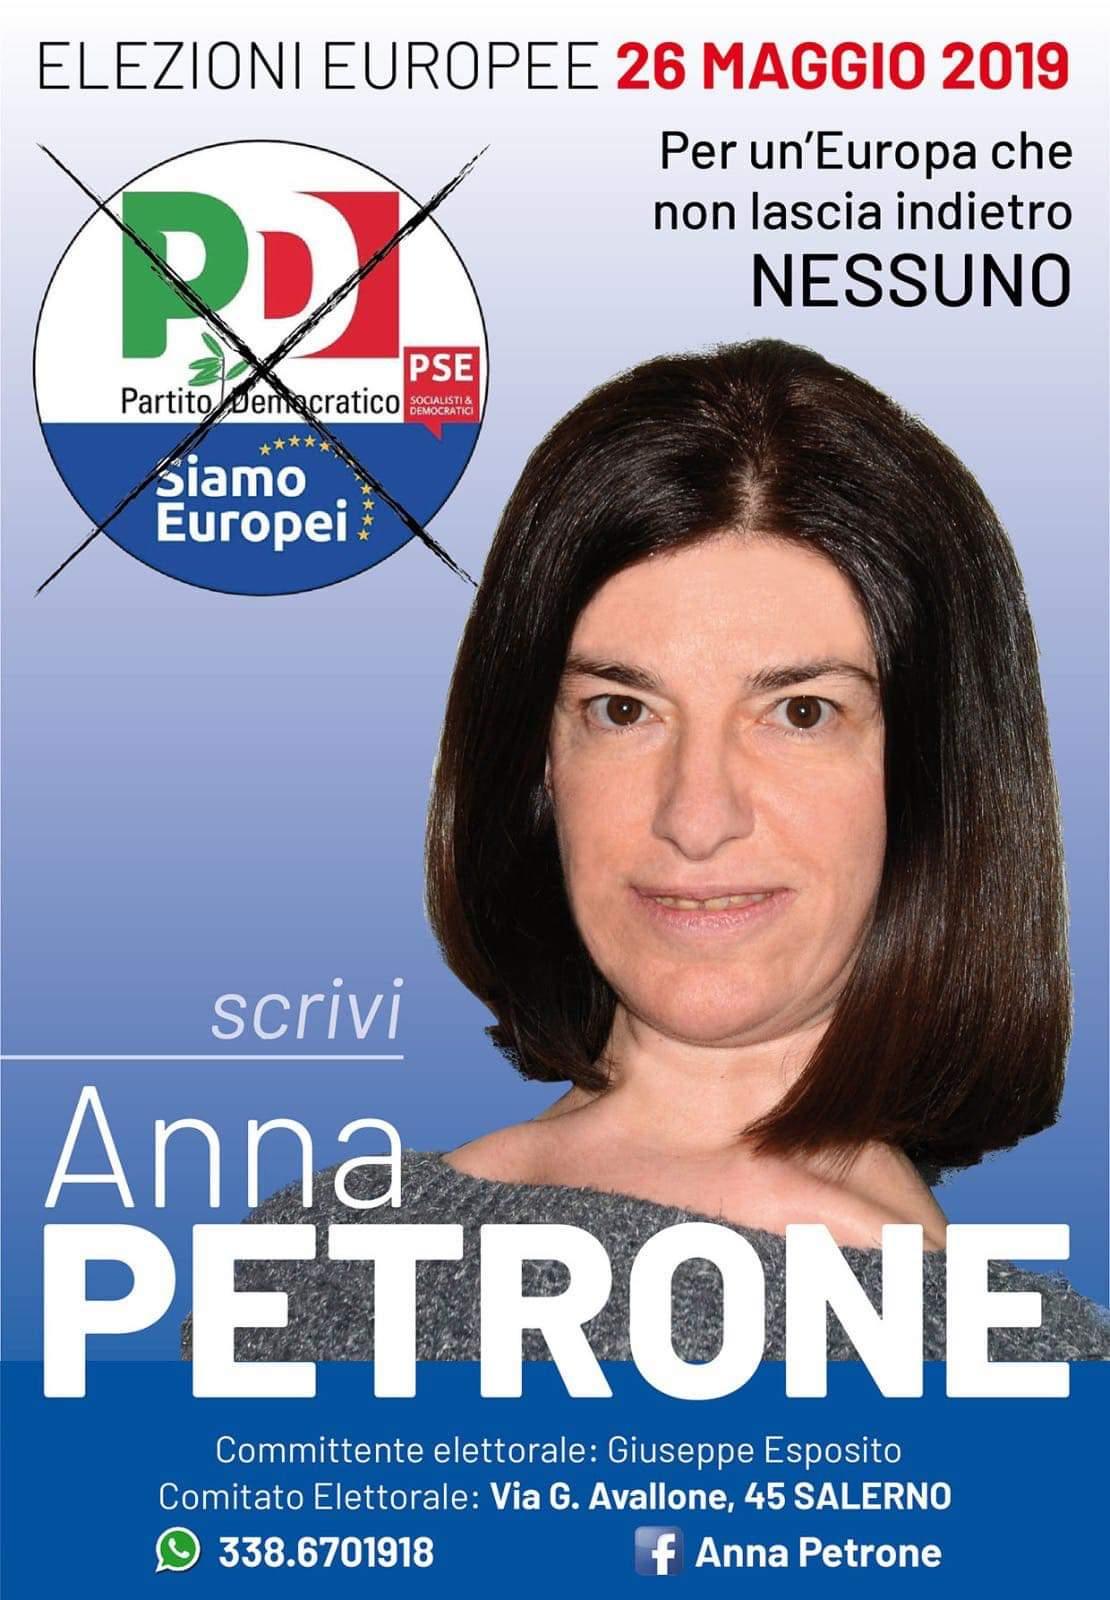 Manifesto elettorale Anna Petrone